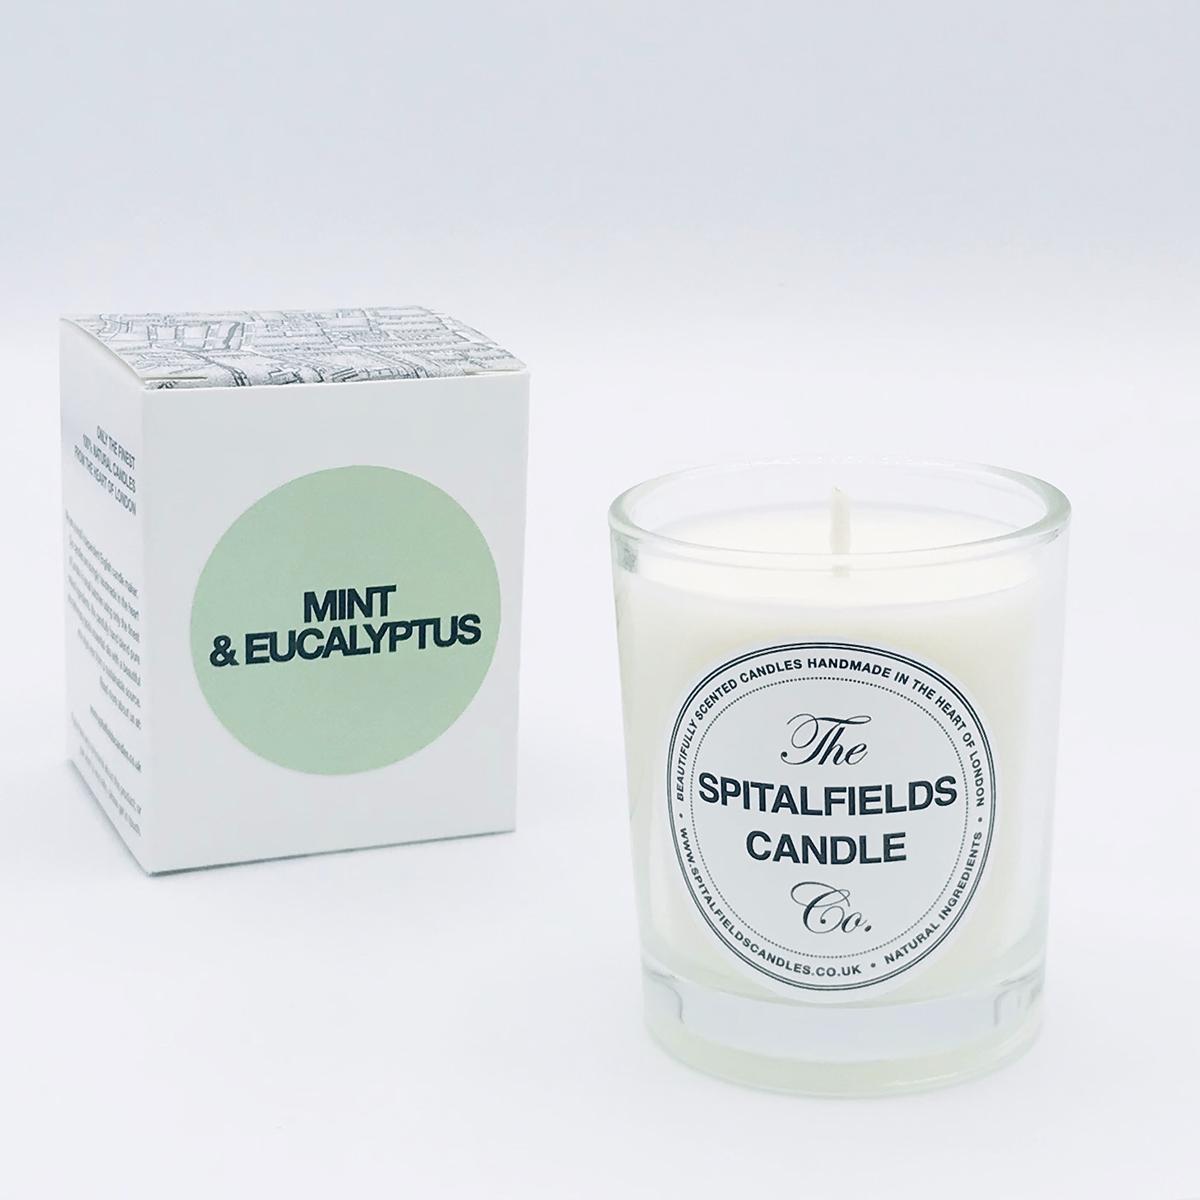 Mint & Eucalyptus 65g votive candle